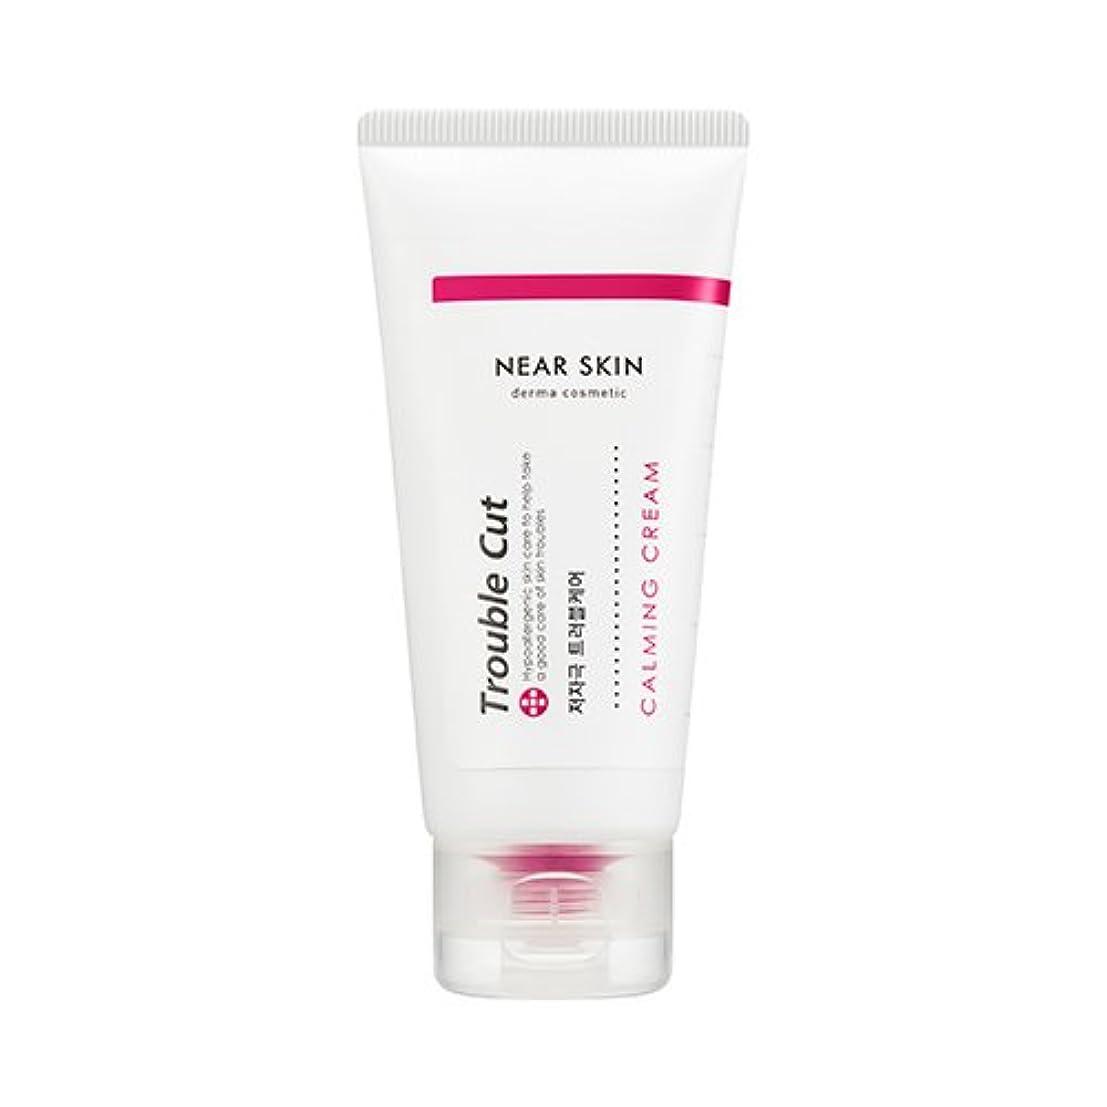 信念ラウズバルブMISSHA [Near Skin] Trouble Cut Calming Cream 20ml / ミシャ ニアスキン トラブルカットカミングクリーム [並行輸入品]